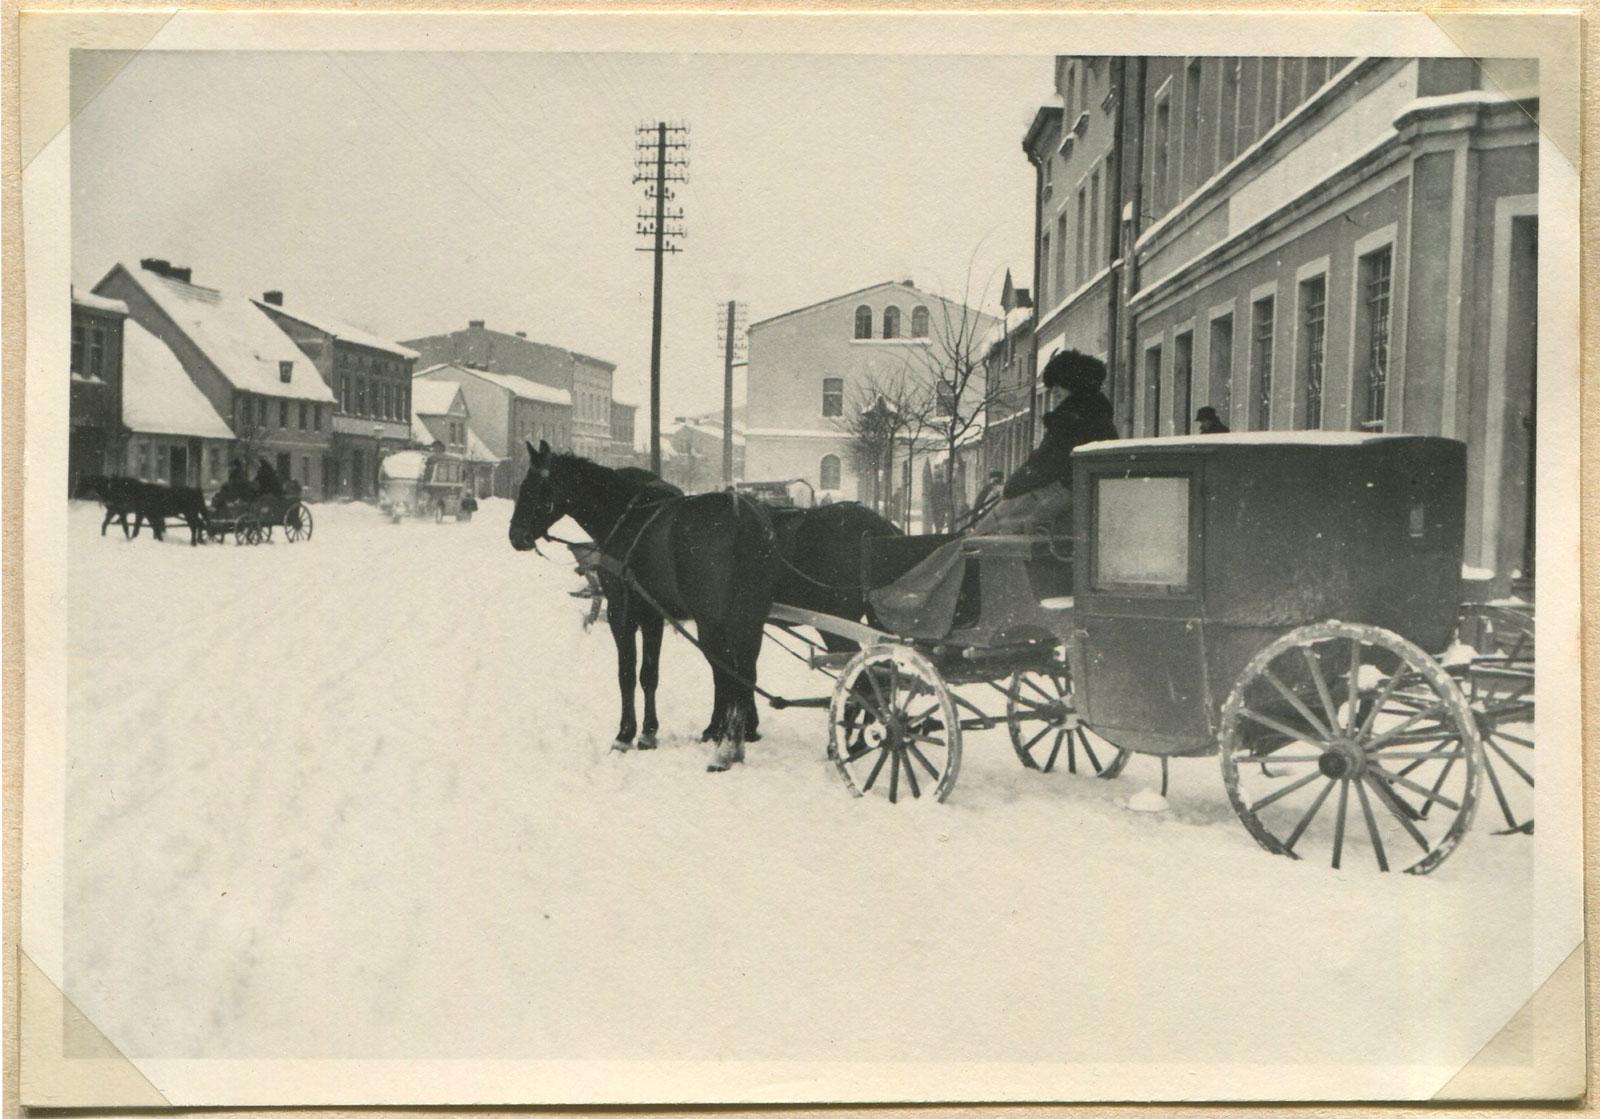 Kórnik zima 1939r - Rynek / Plac Niepodległości